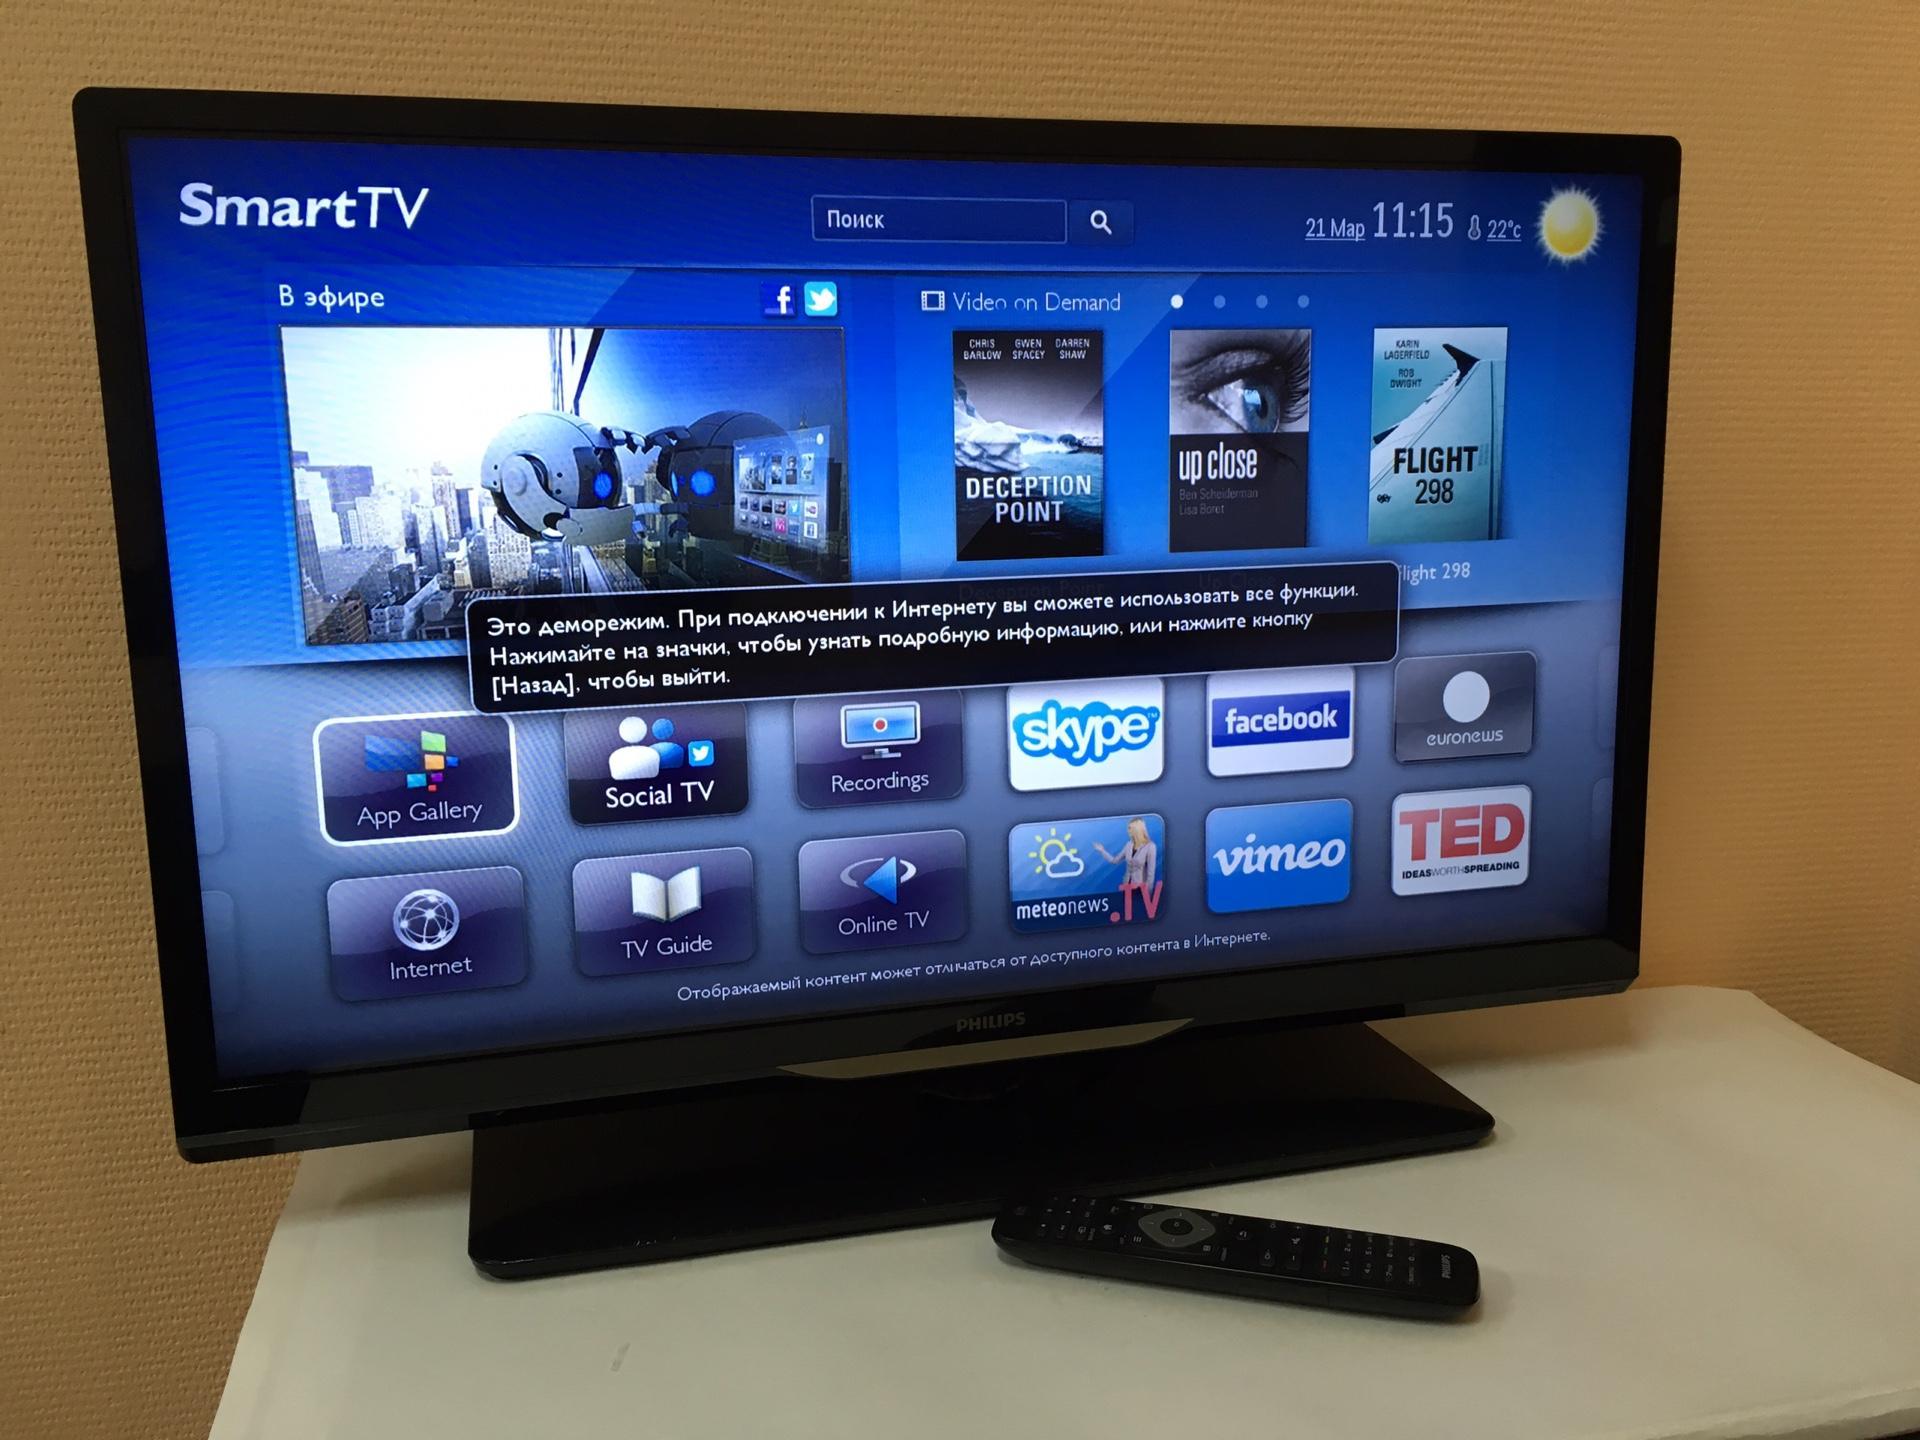 Обновление ПО на телевизоре Philips: действуем самостоятельно